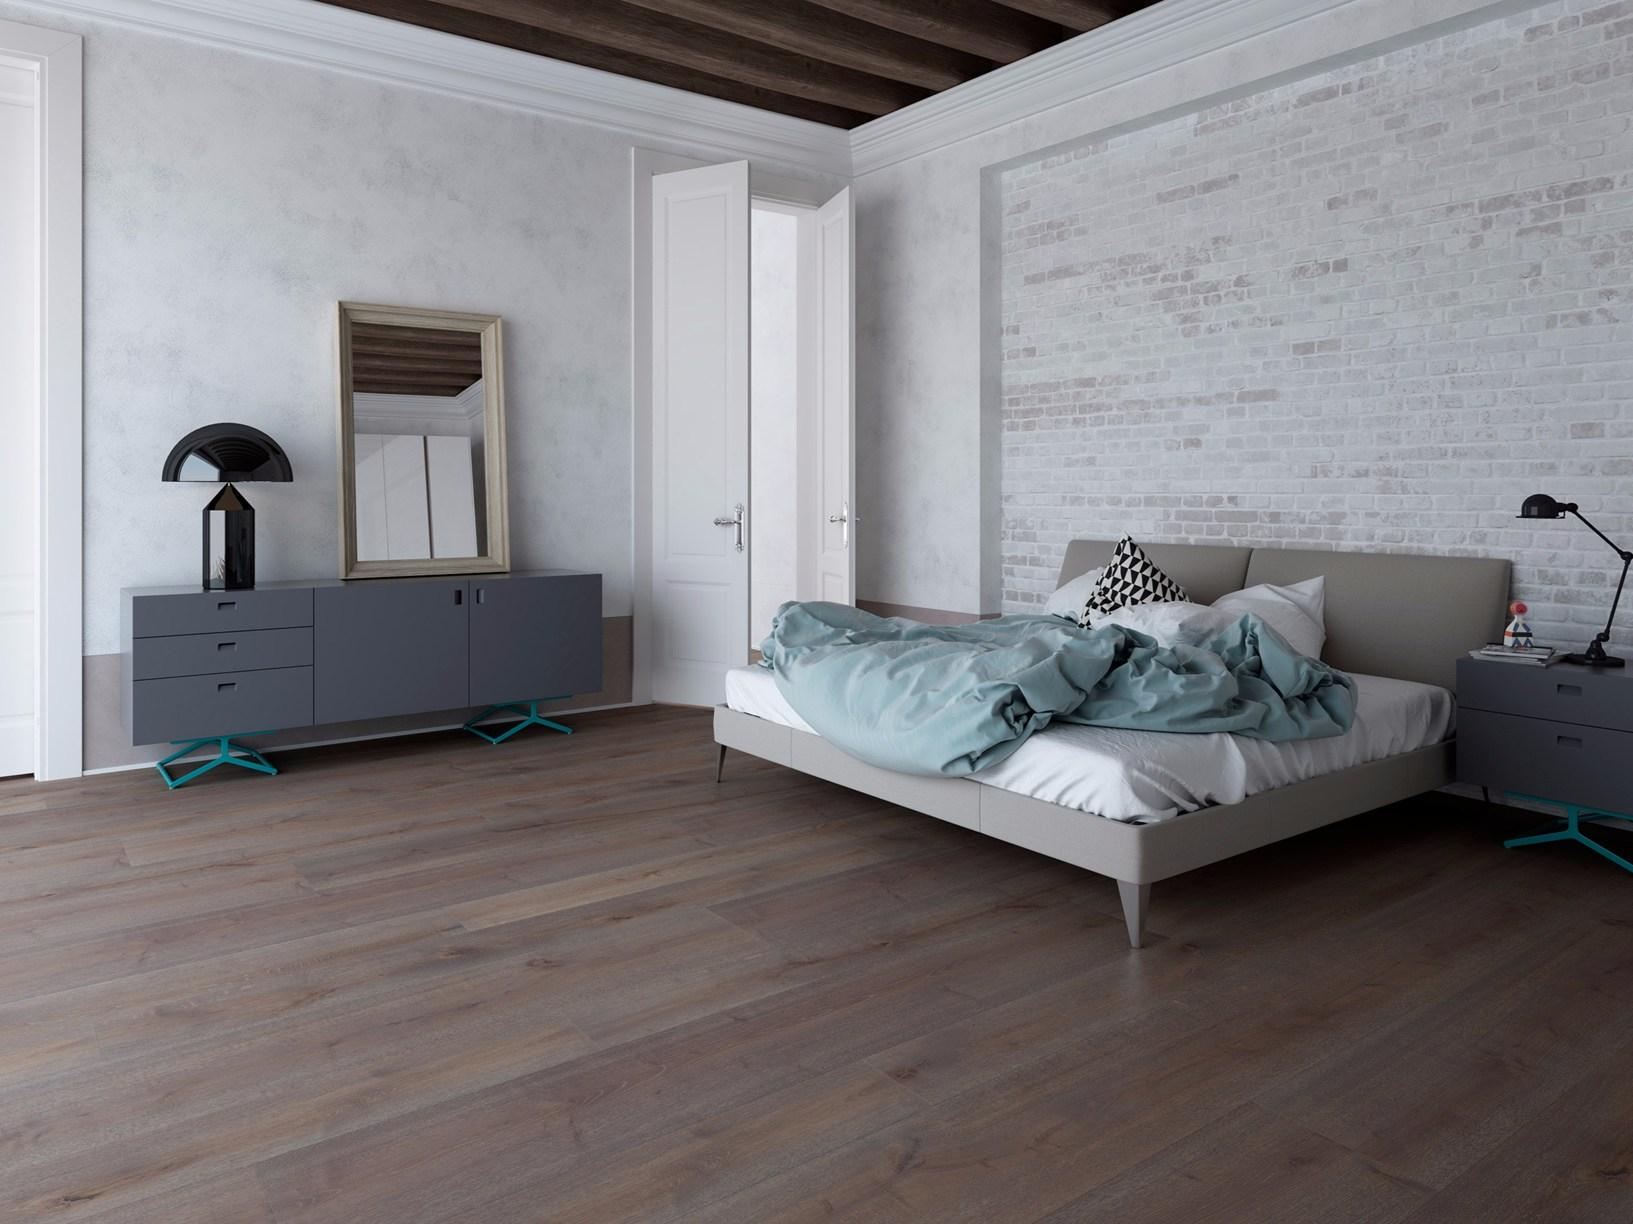 Camera da letto d 39 ispirazione industrial chic - Camera da letto minimal ...